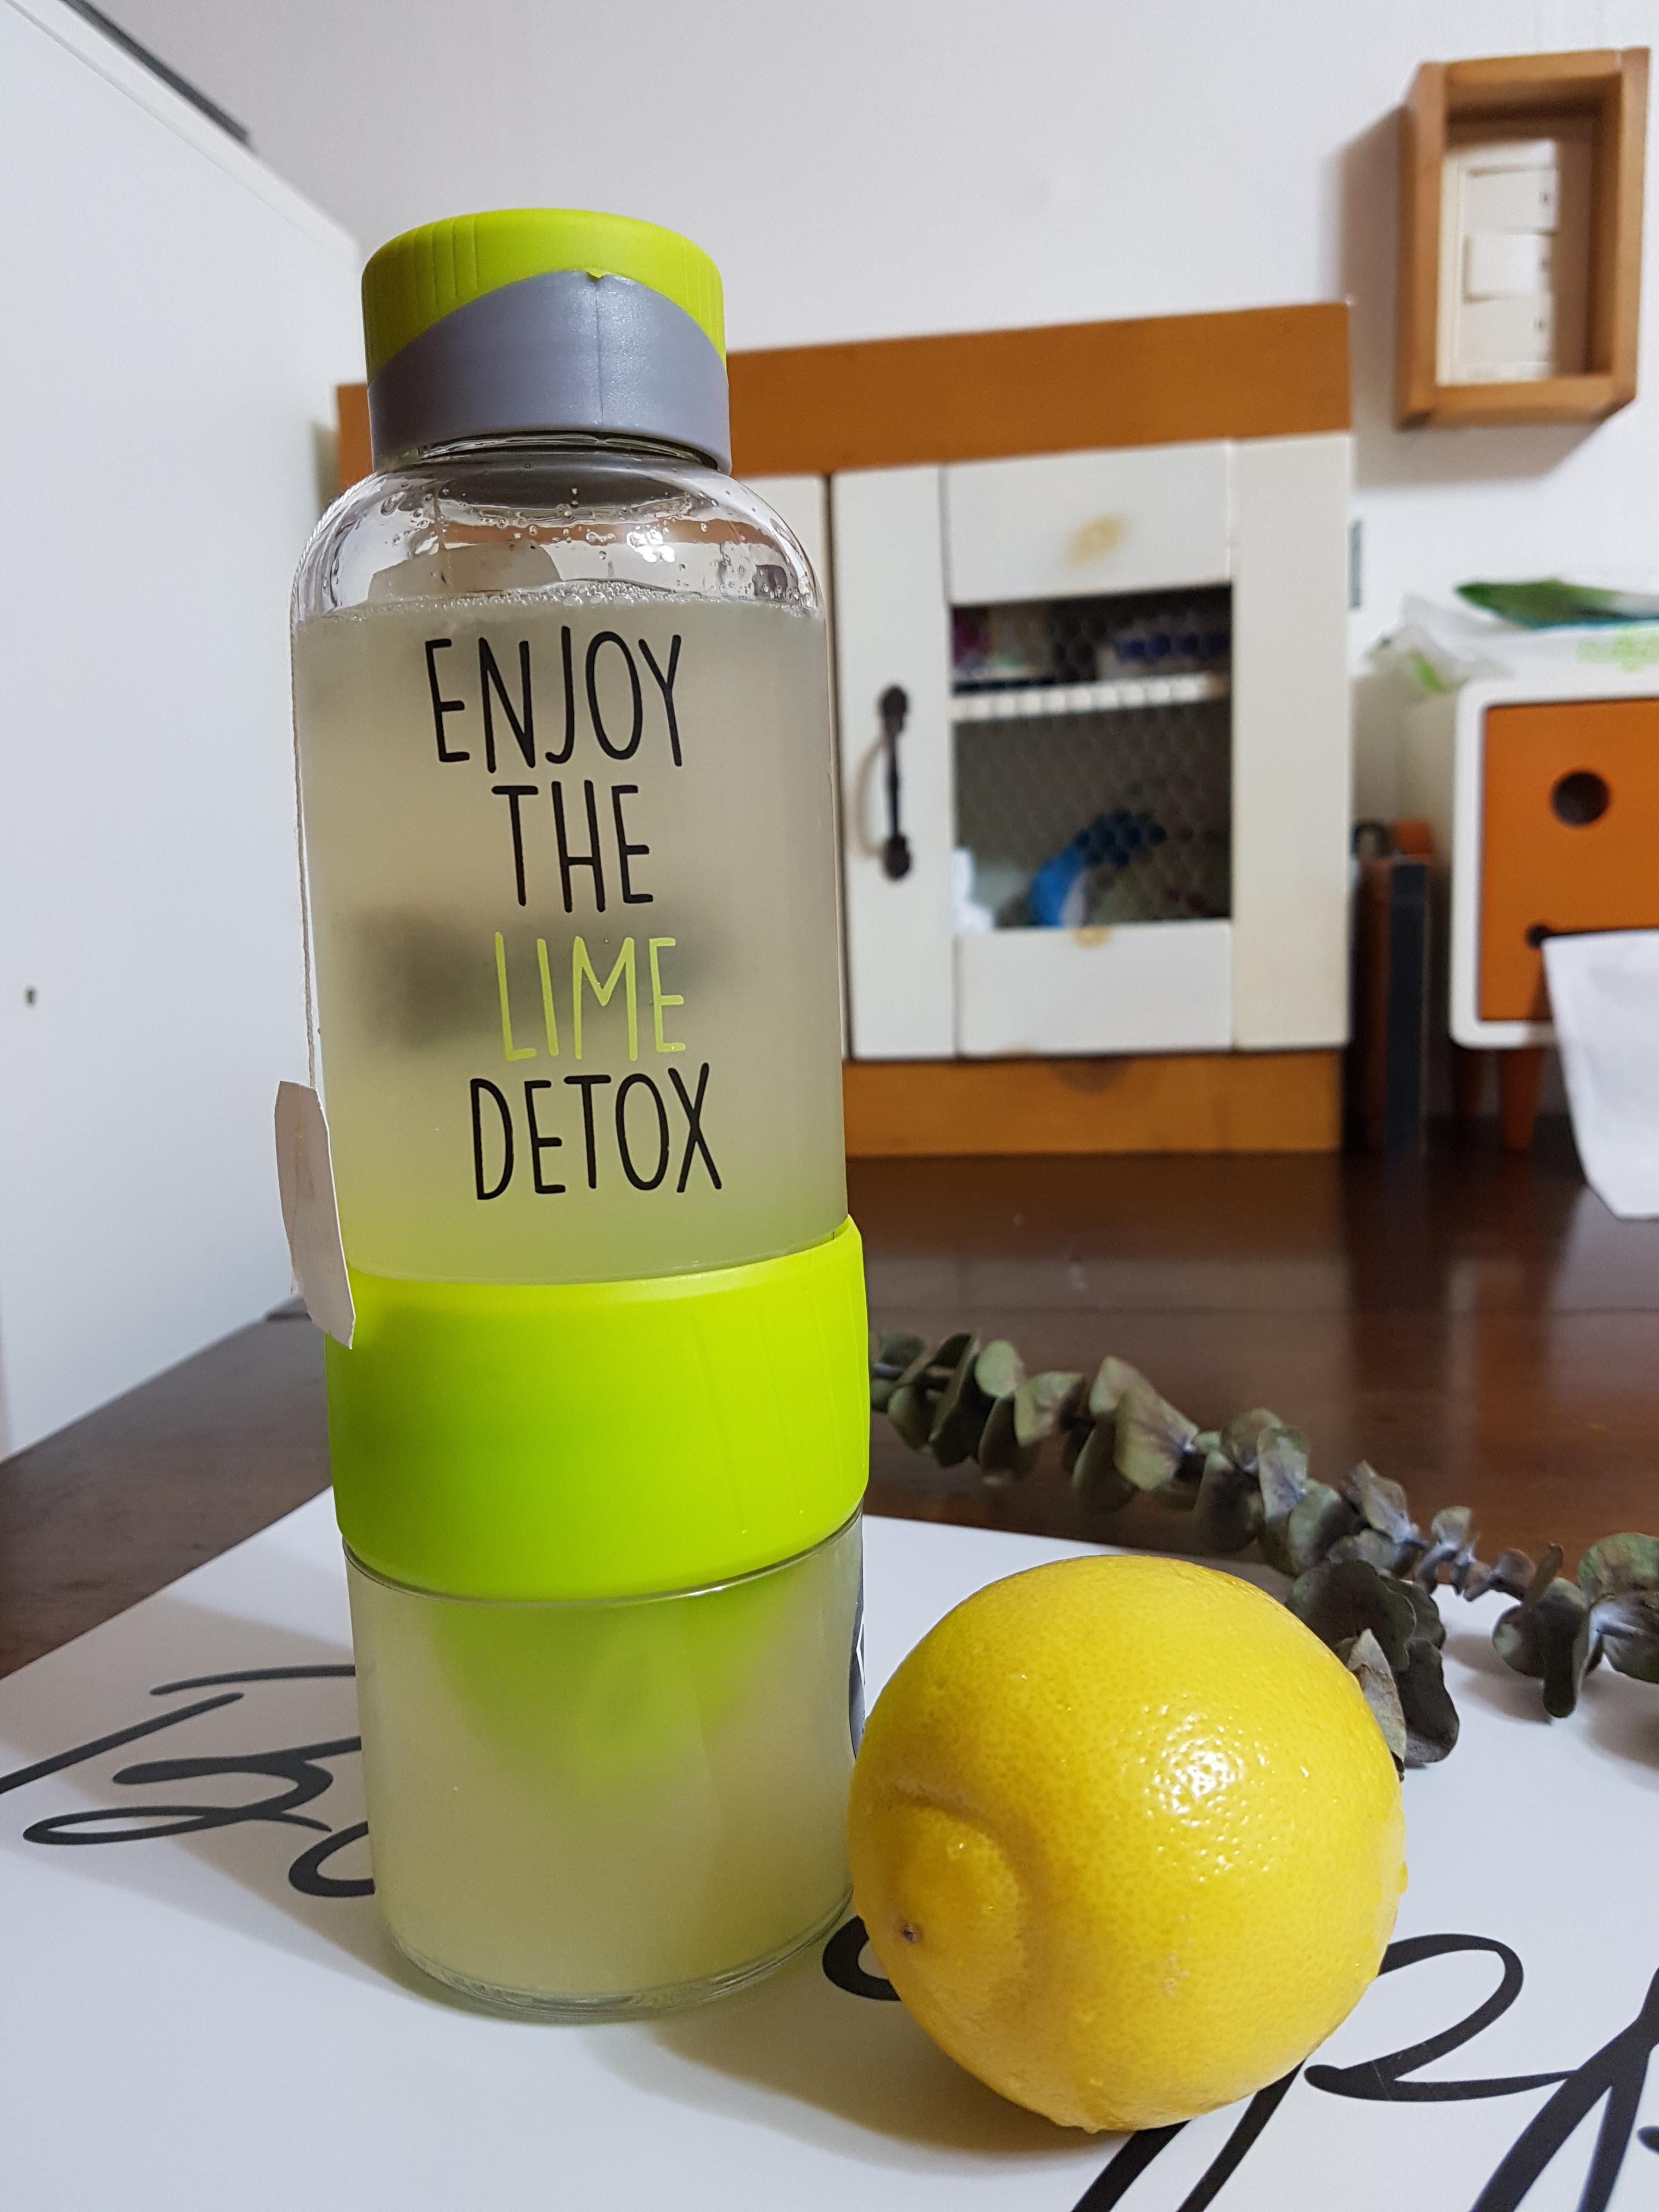 락앤락 써포터즈 - 레몬녹차 디톡스